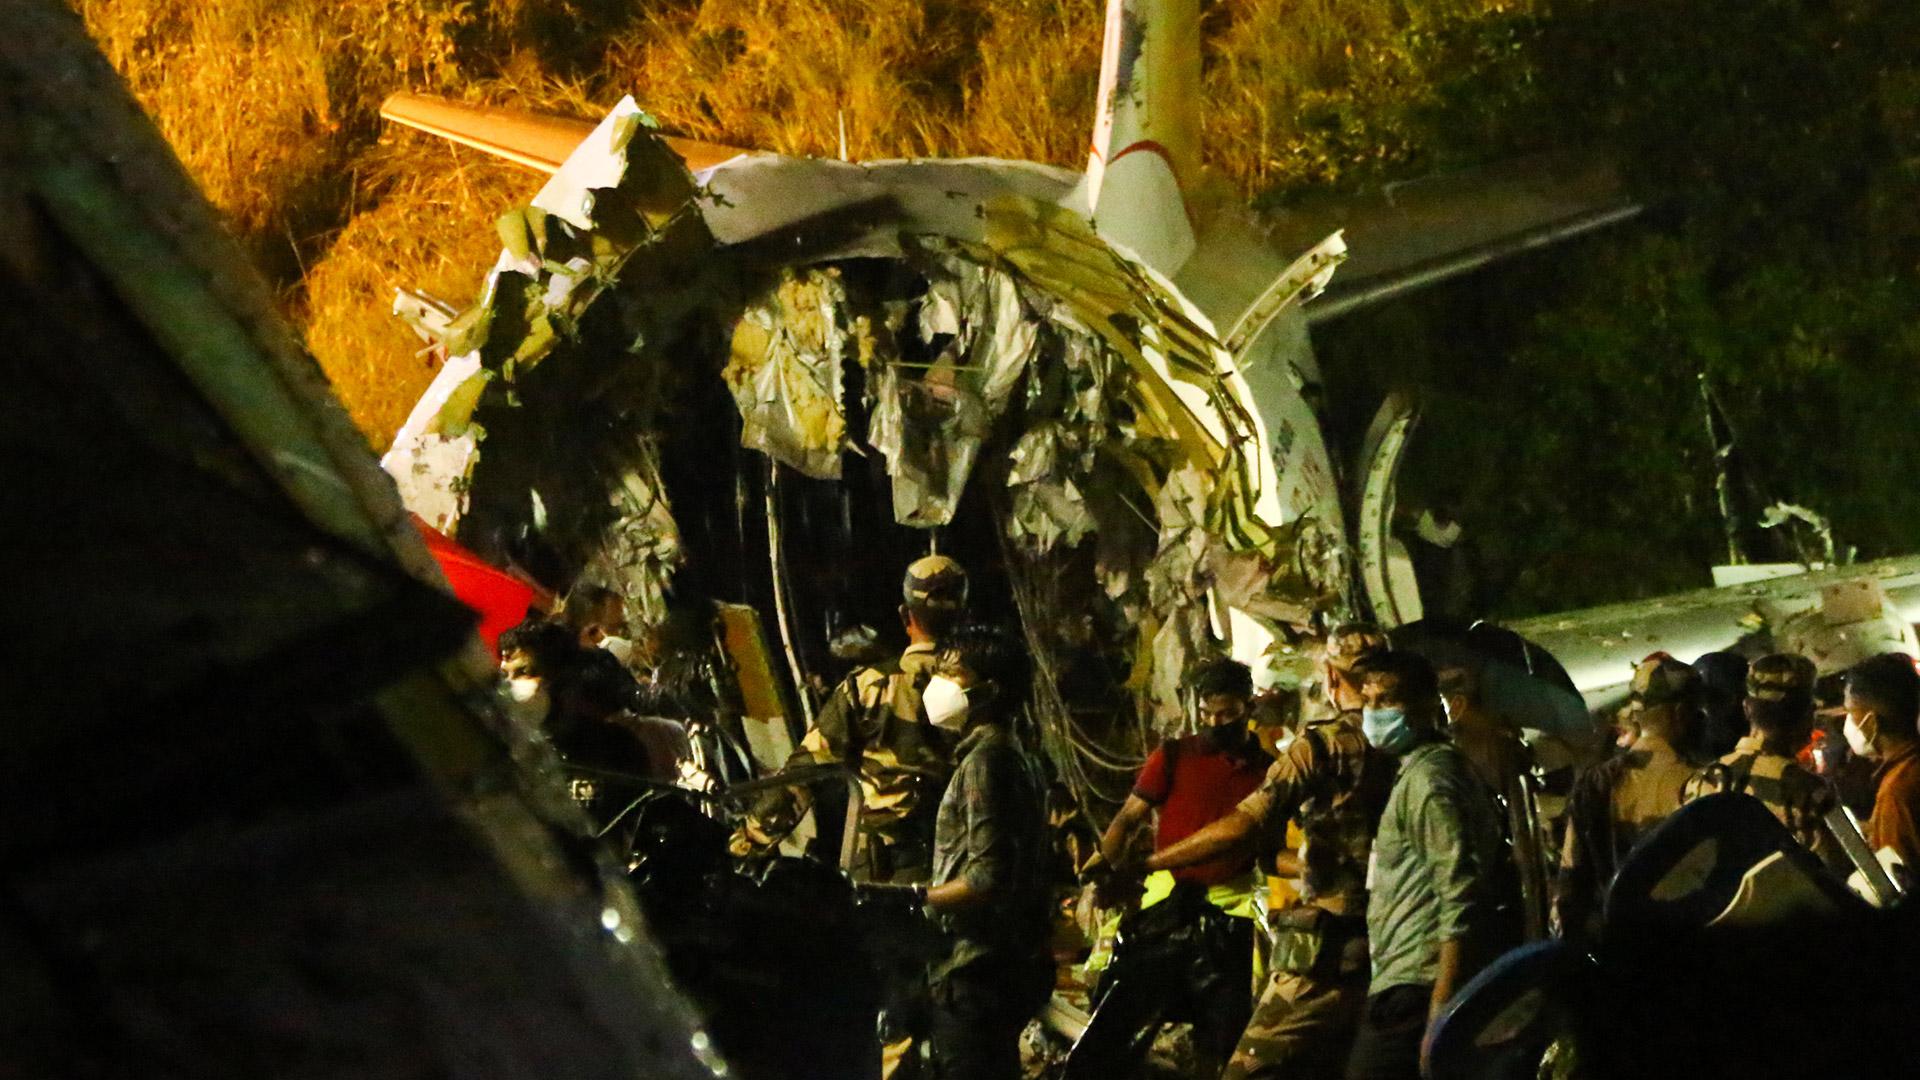 Rescatistas inspeccionan parte del avión de Air India Express que se estrelló este viernes en la región India de Kerala. Foto: Favas JALLA / AFP